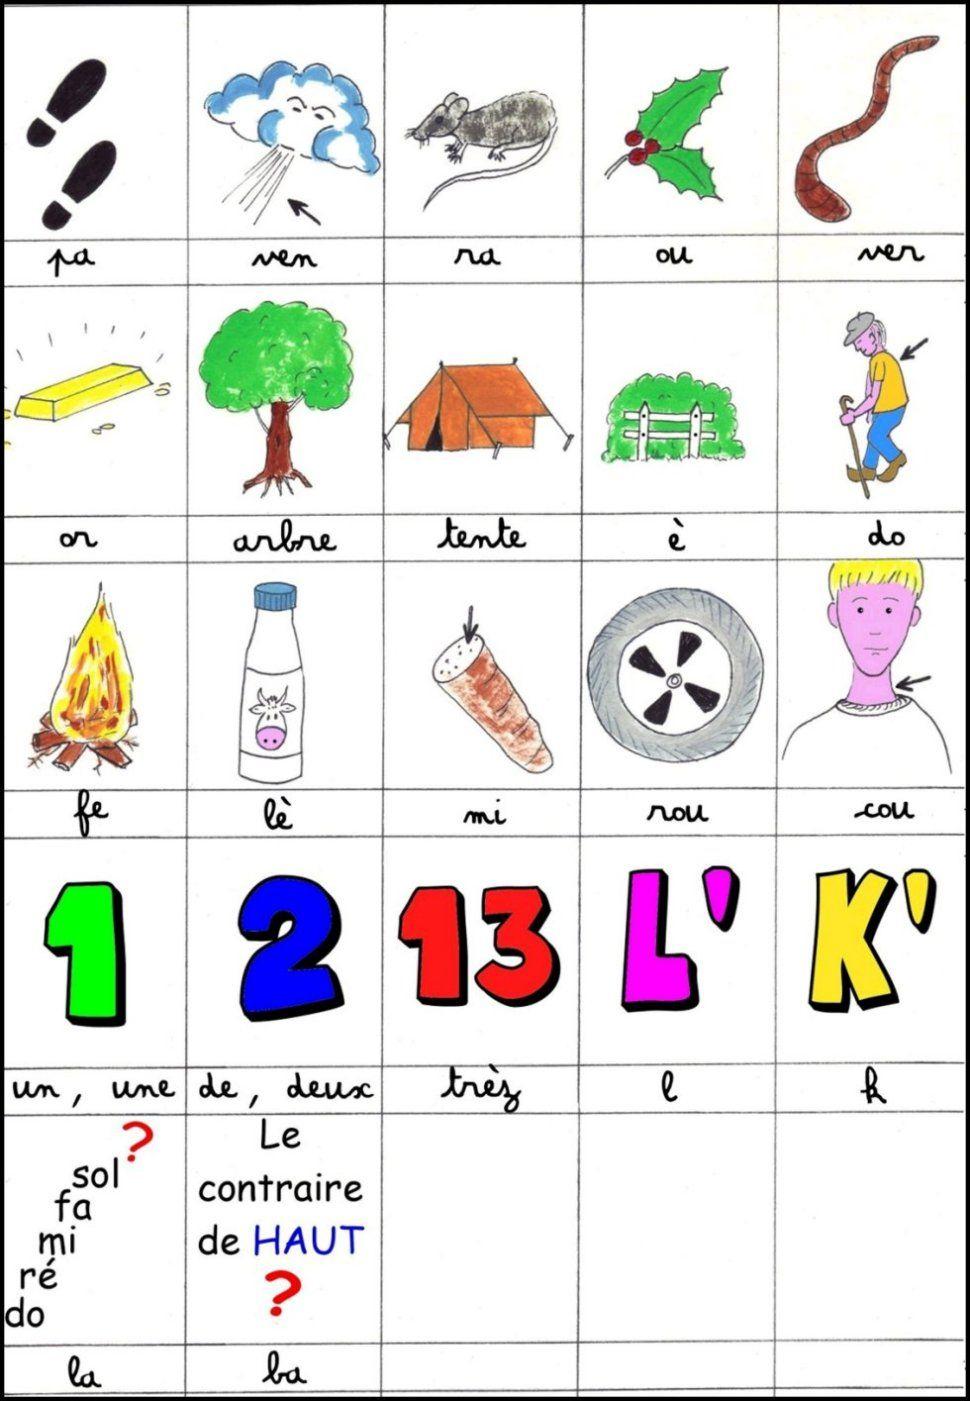 Des Idées D'énigmes Pour Les Enfants | Idées De Fête Pour encequiconcerne Rebus Enfant